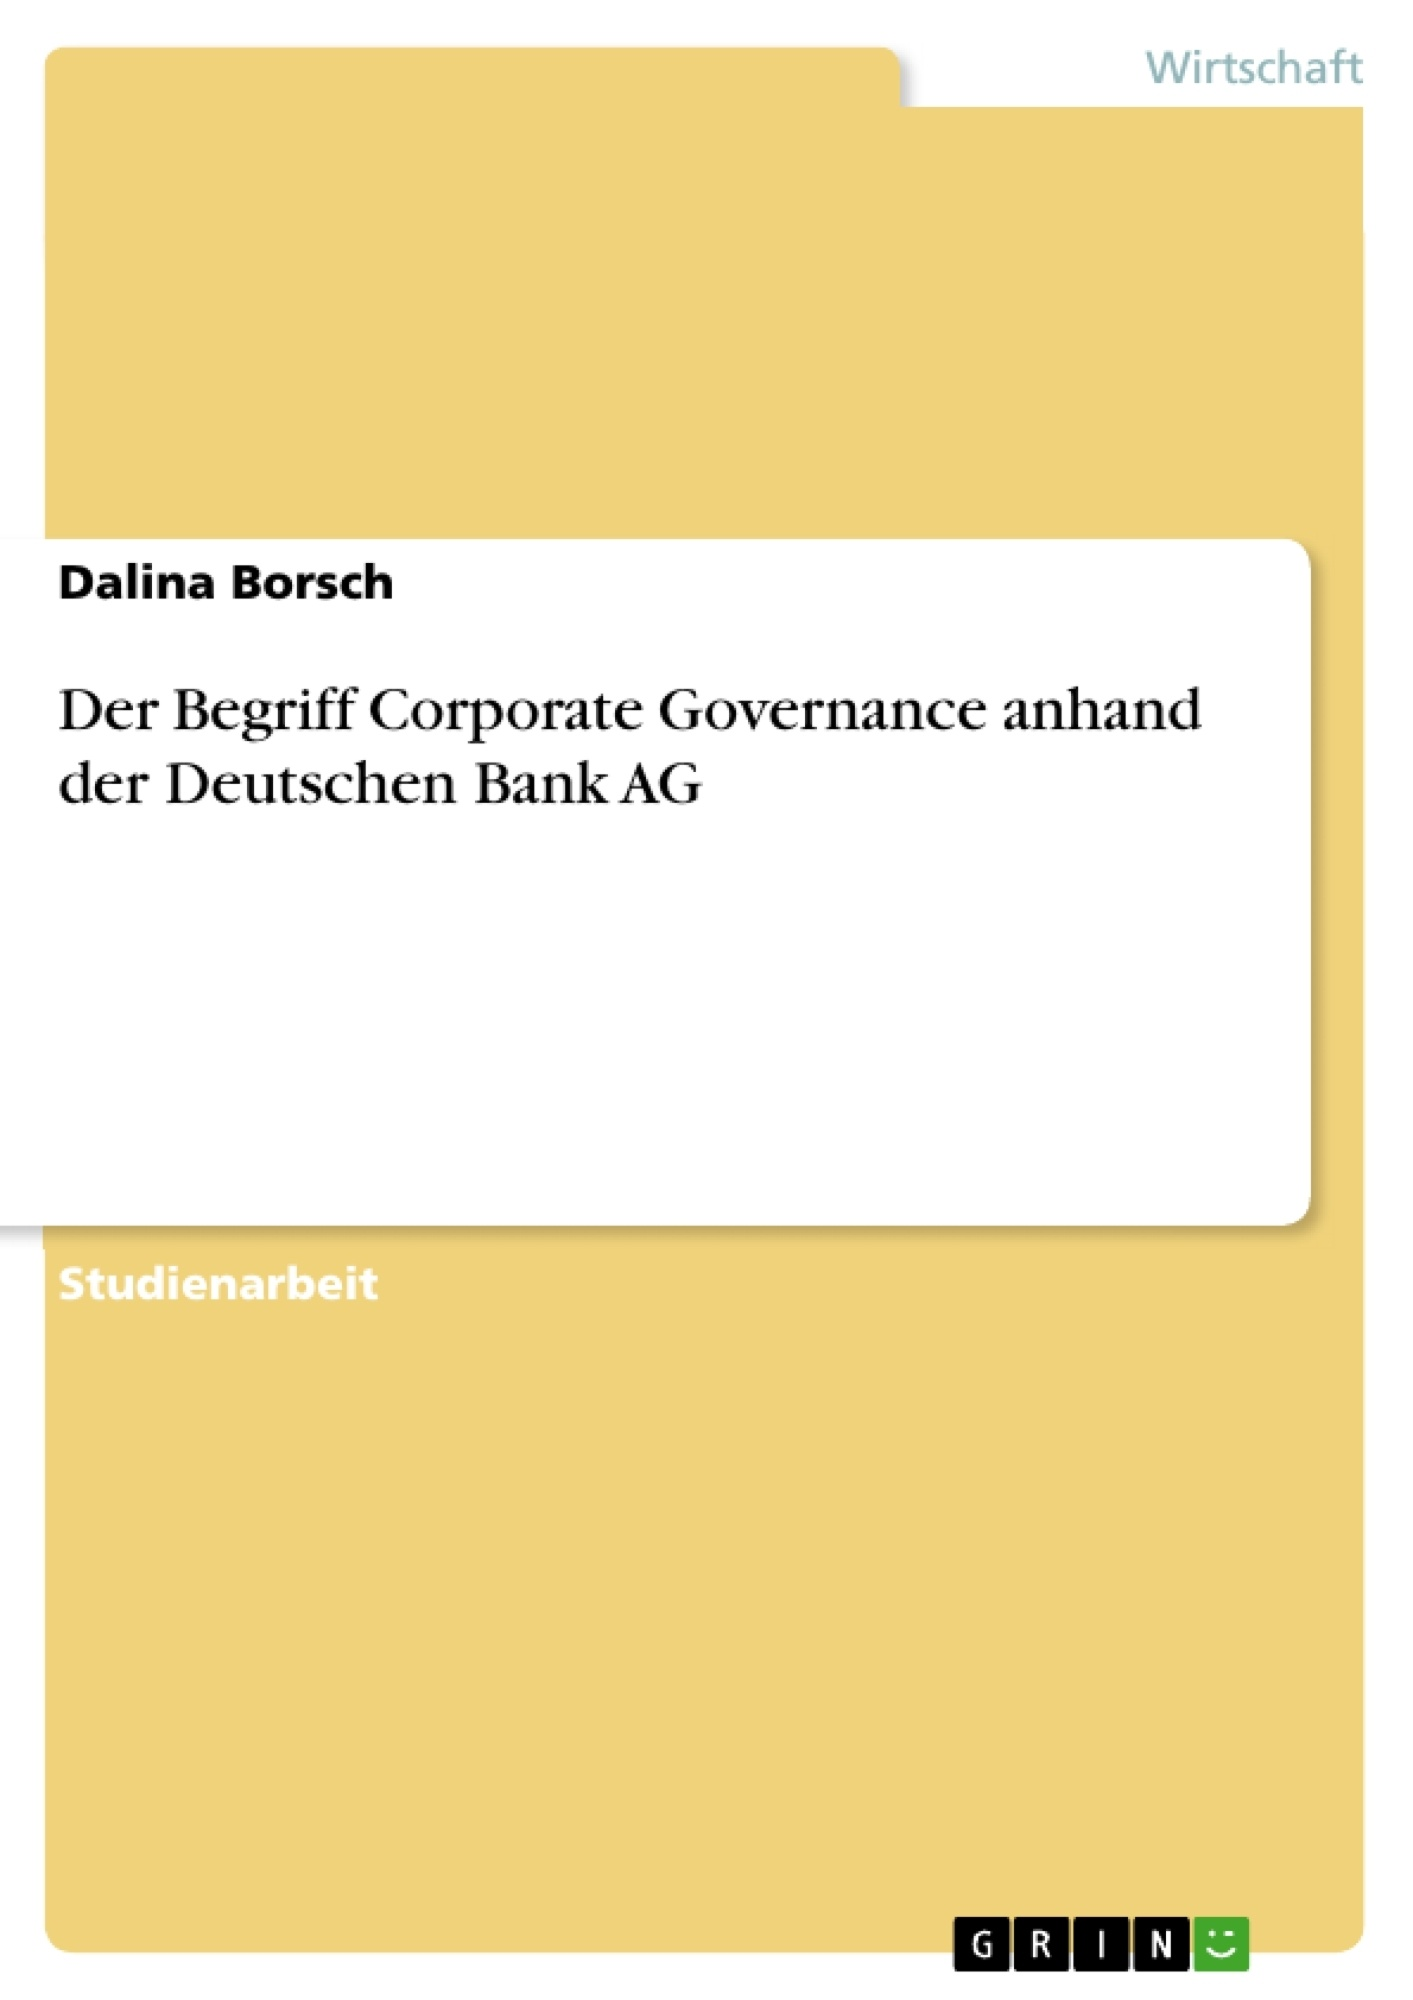 Titel: Der Begriff Corporate Governance anhand der Deutschen Bank AG